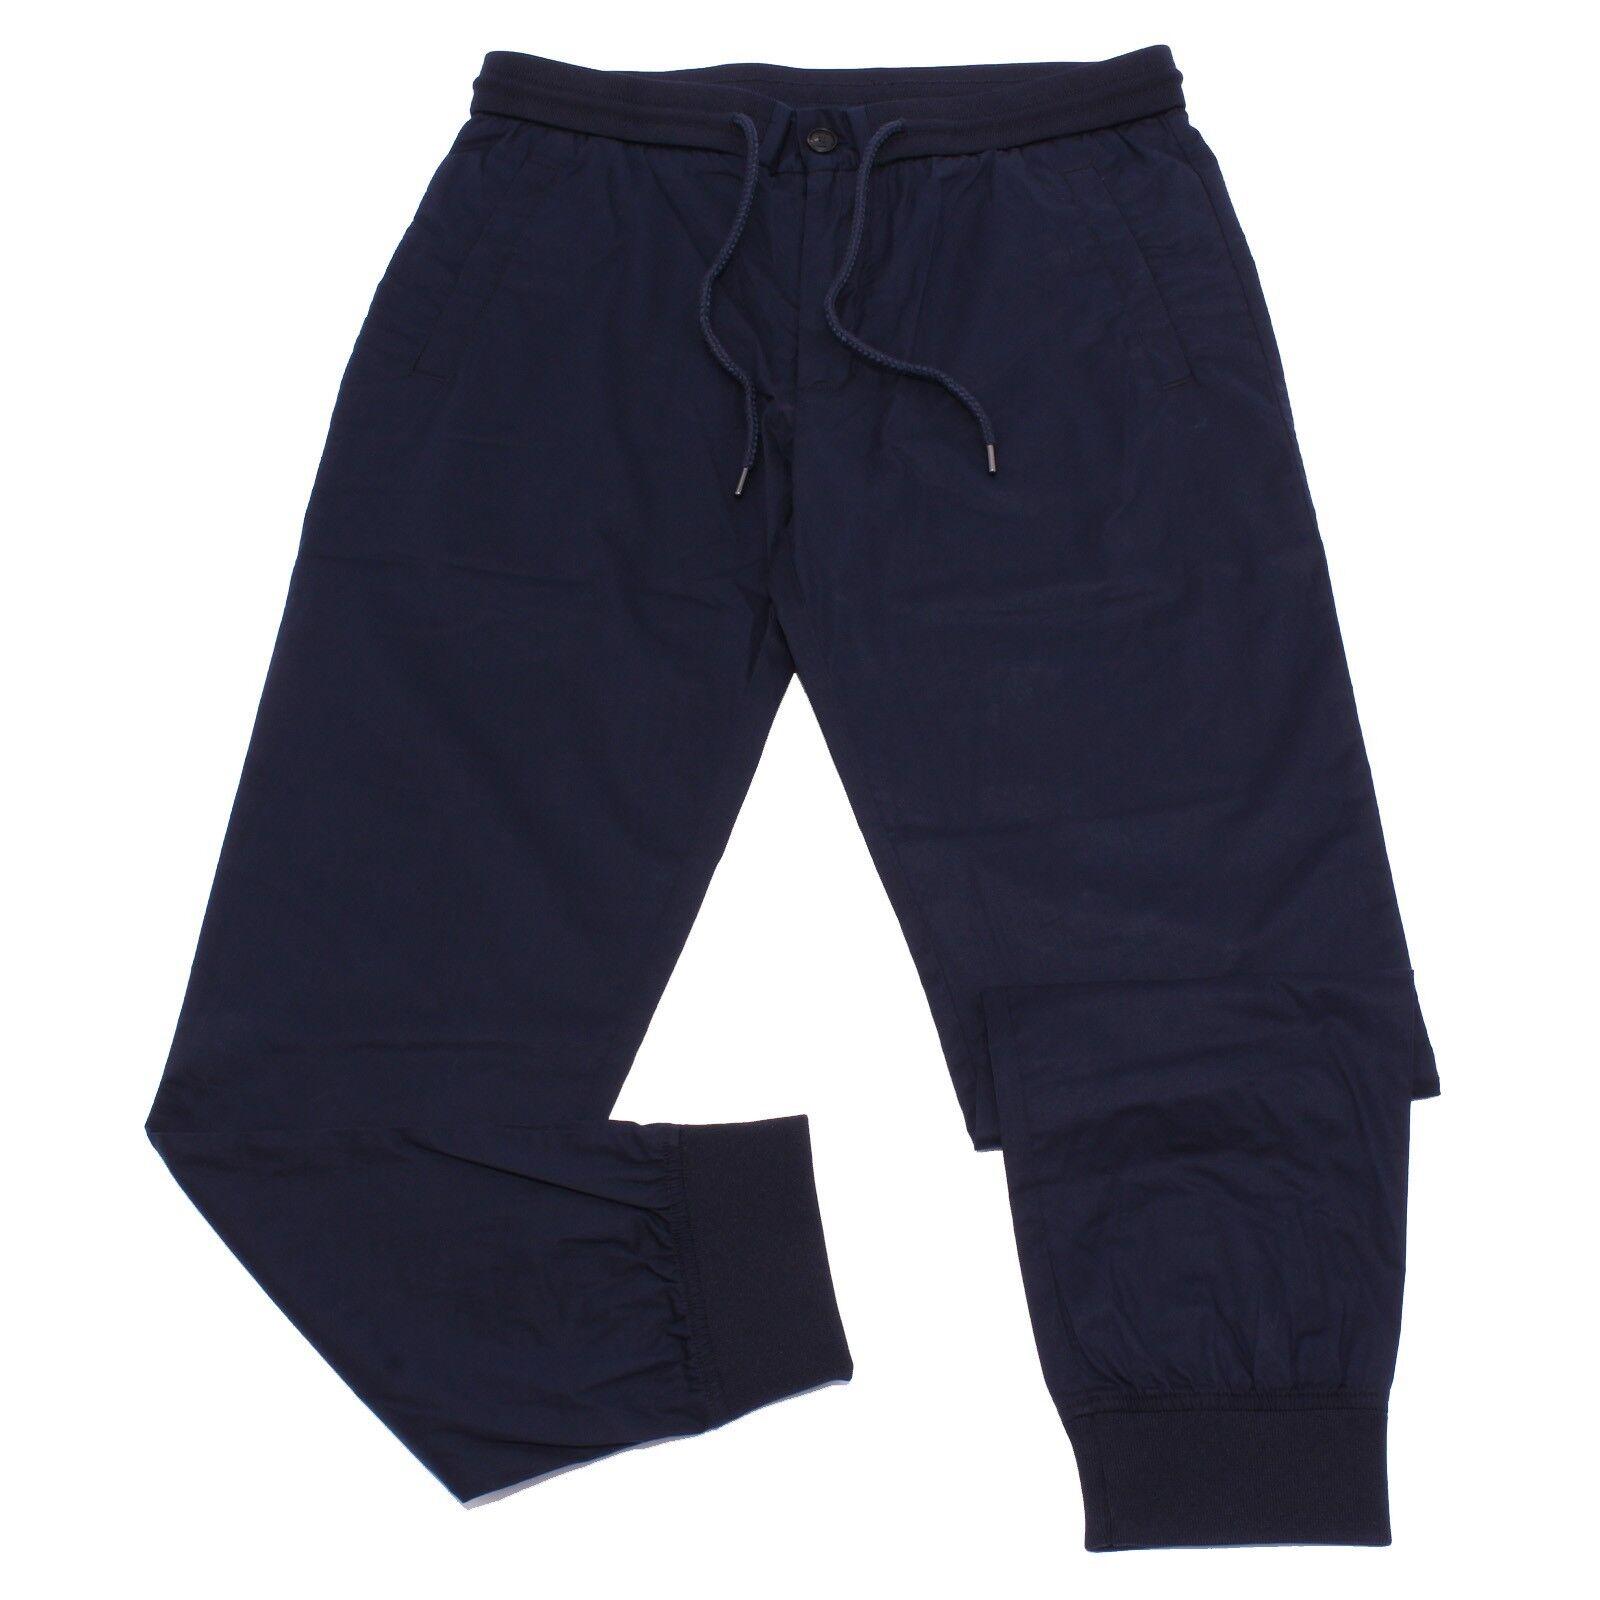 5655Y pantalone uomo blu ARMANI JEANS cotton trouser man